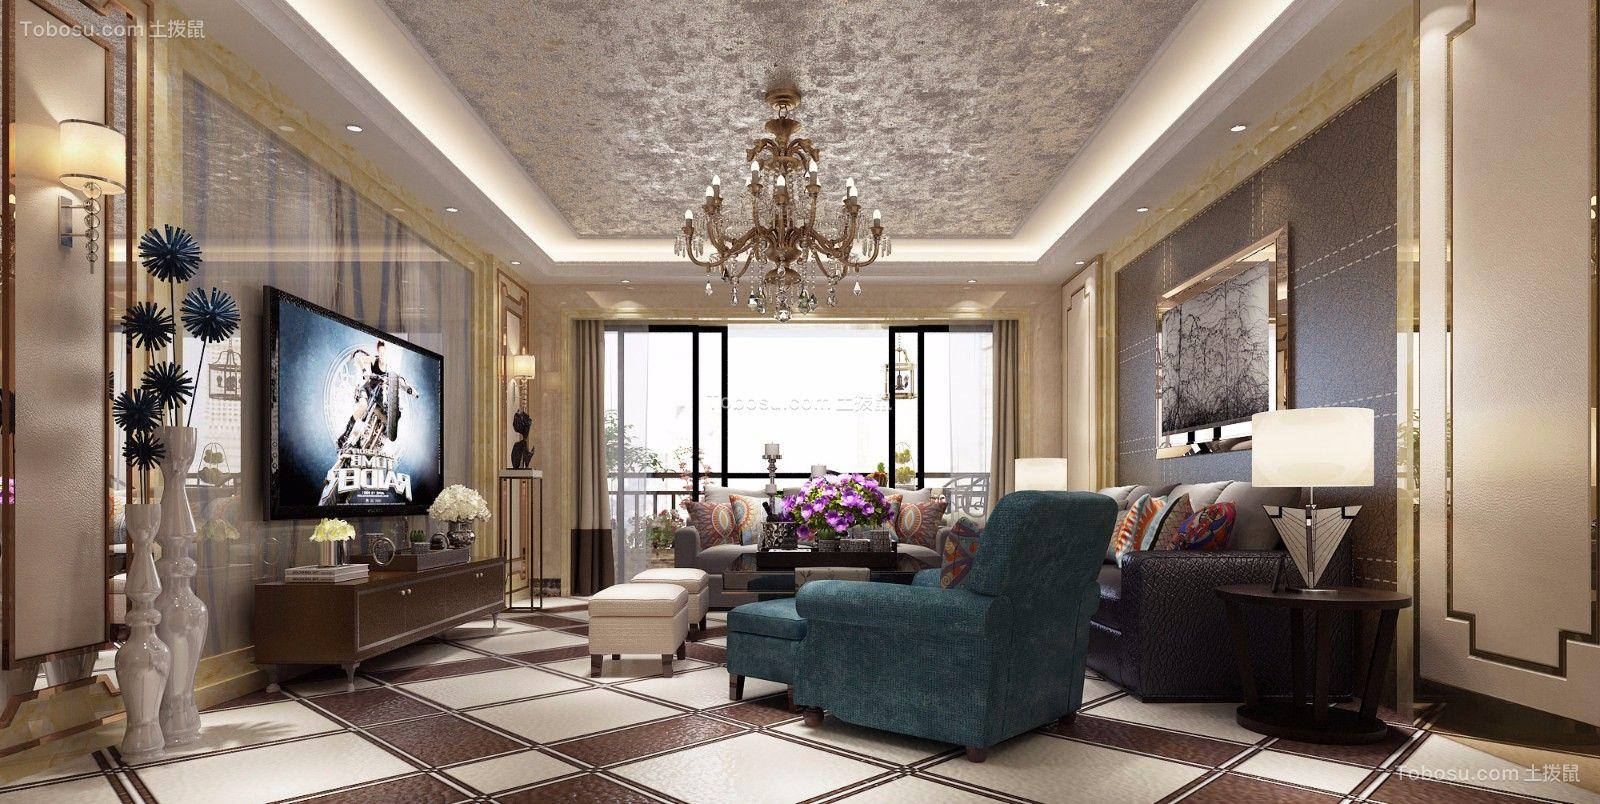 后现代风格190平米套房室内装修效果图